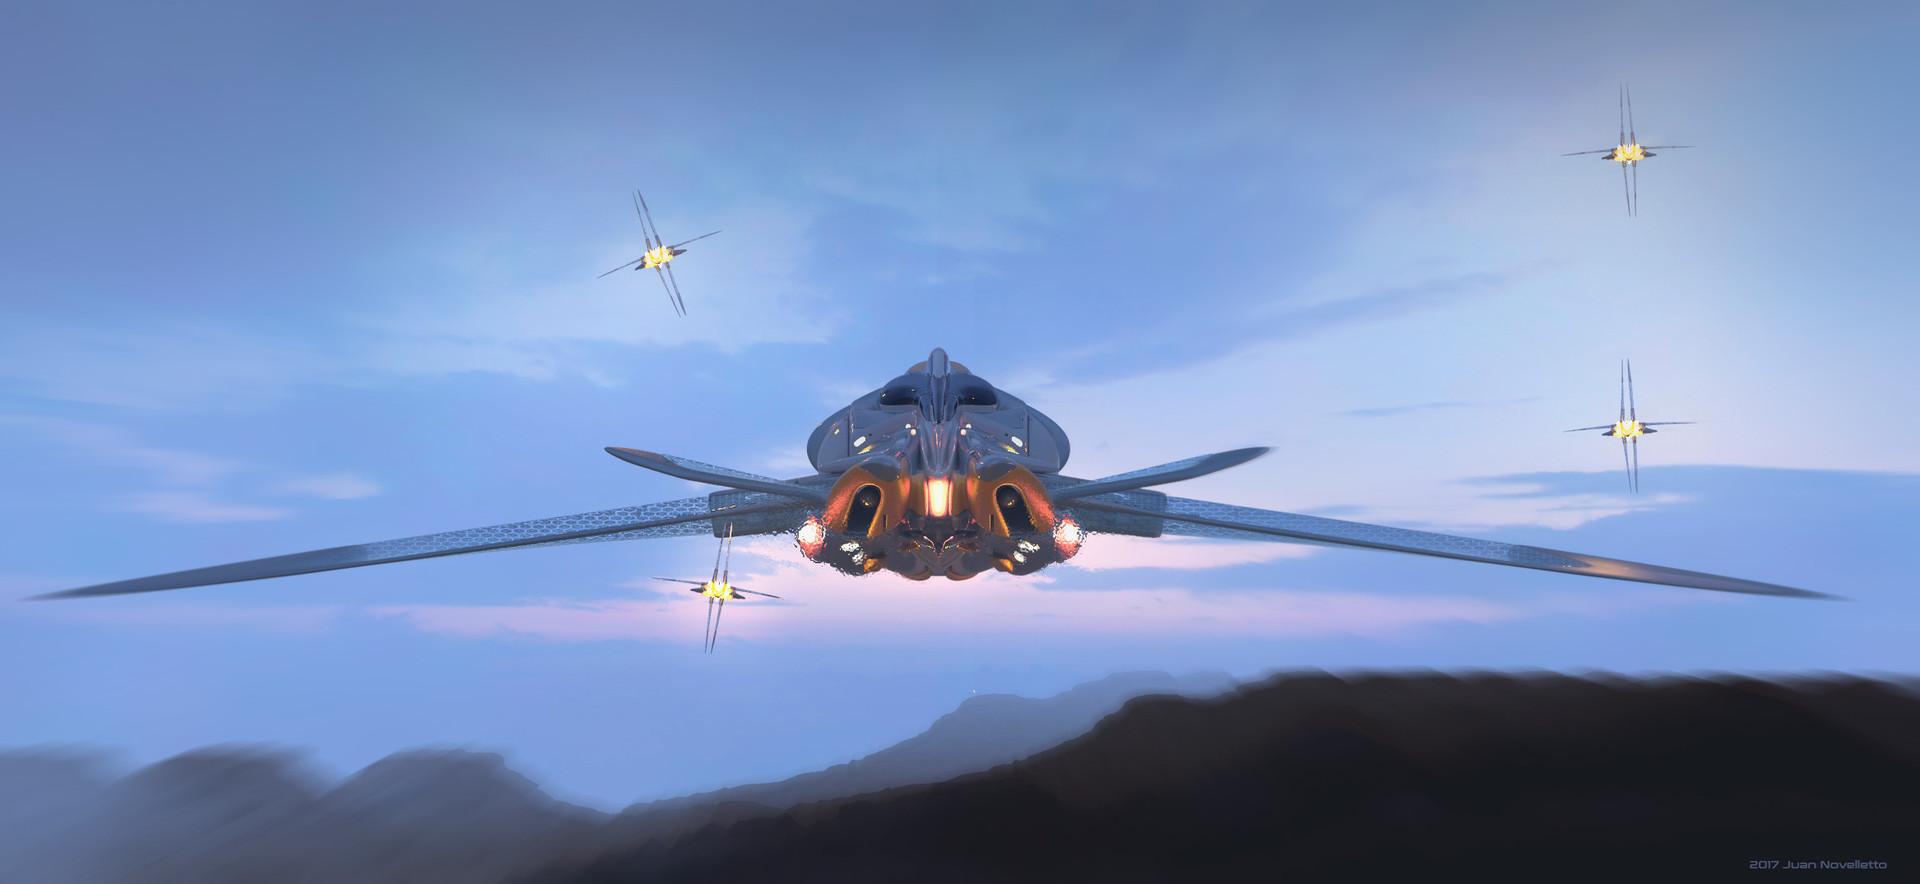 Juan novelletto alien ship03bbb